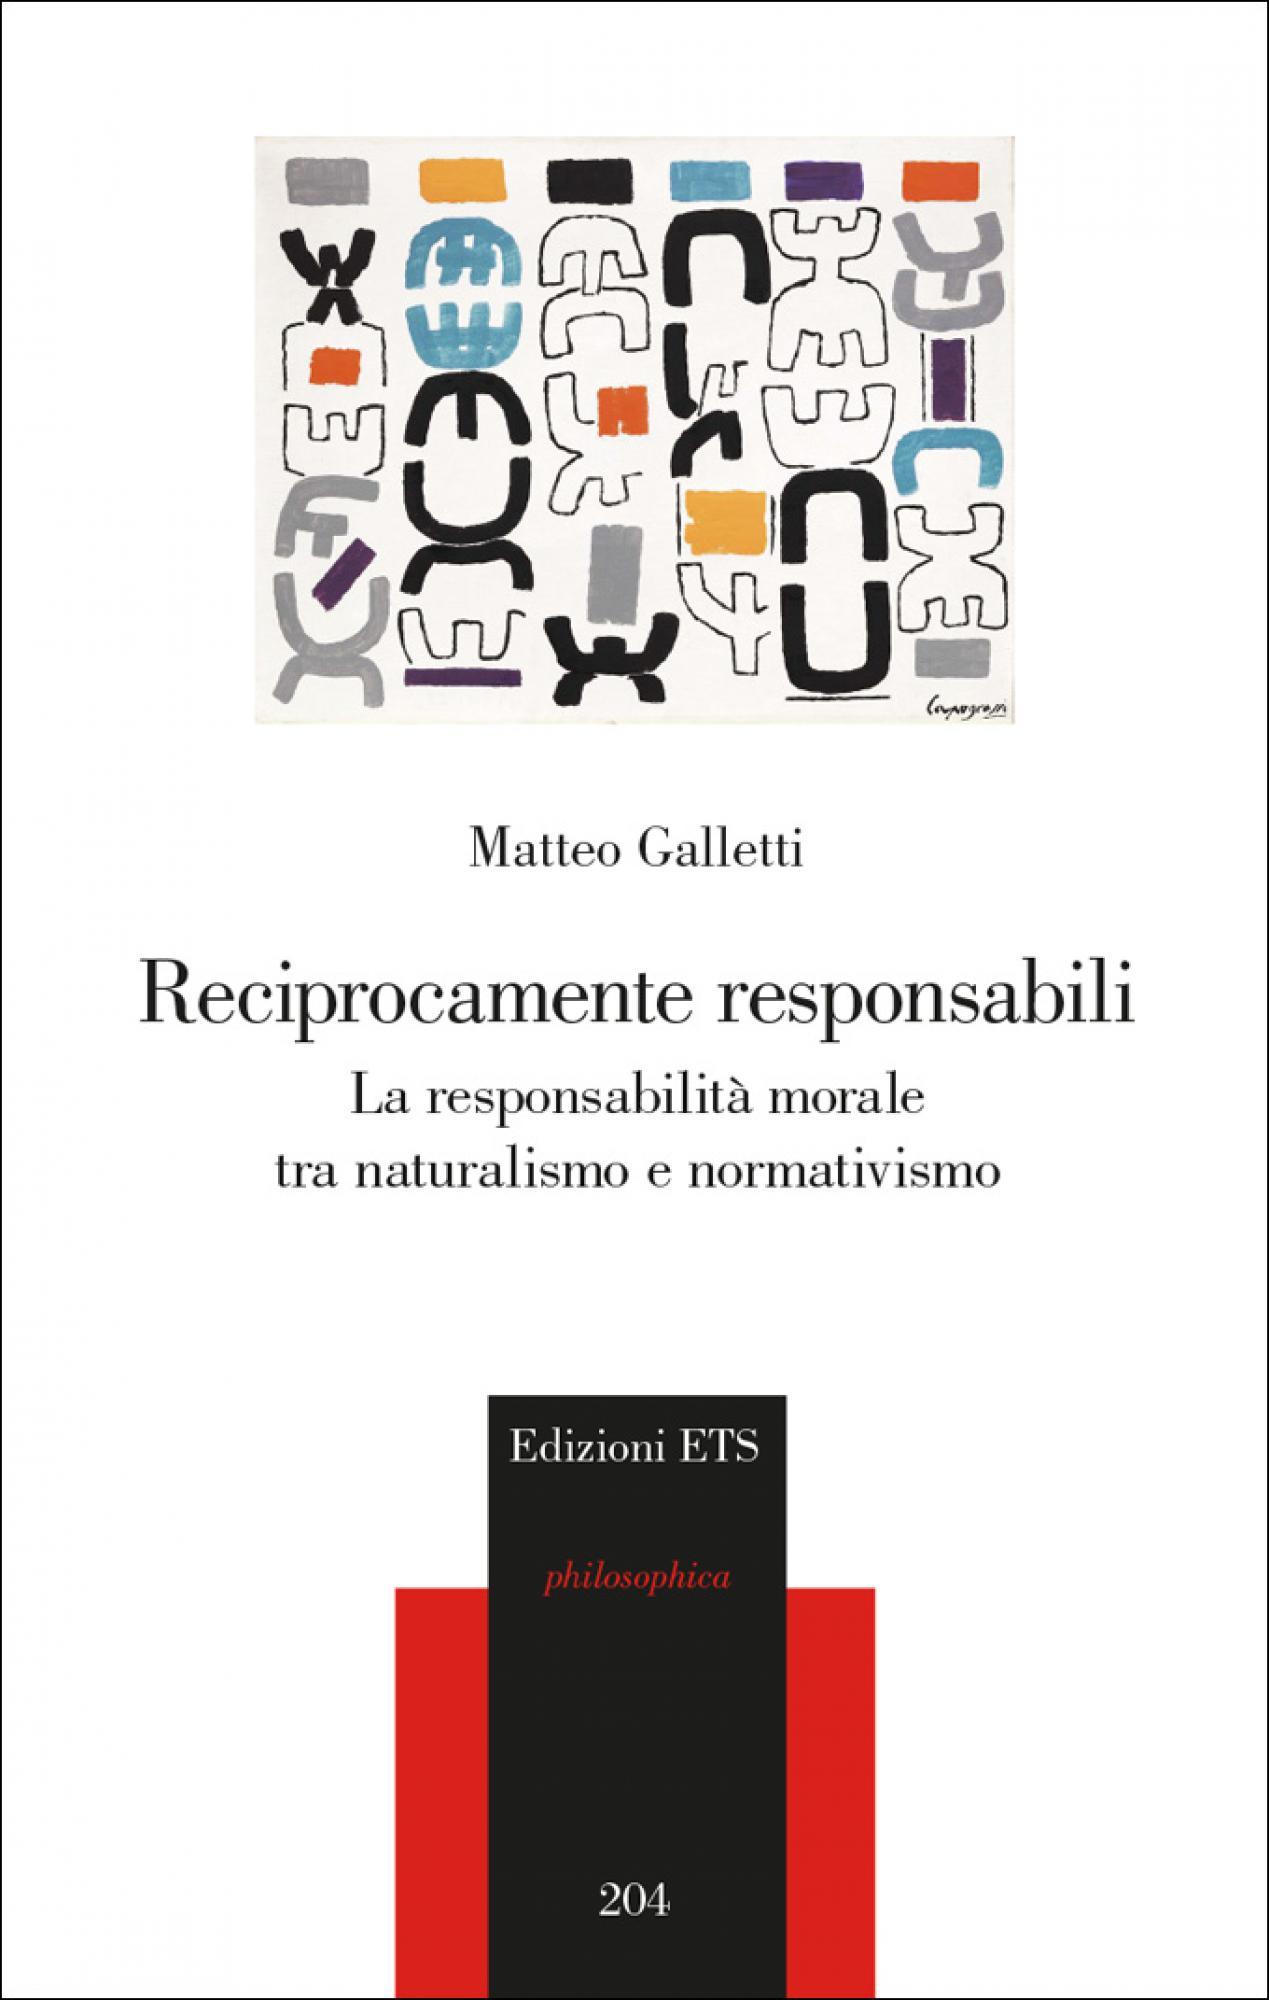 Reciprocamente responsabili.La responsabilità morale tra naturalismo e normativismo